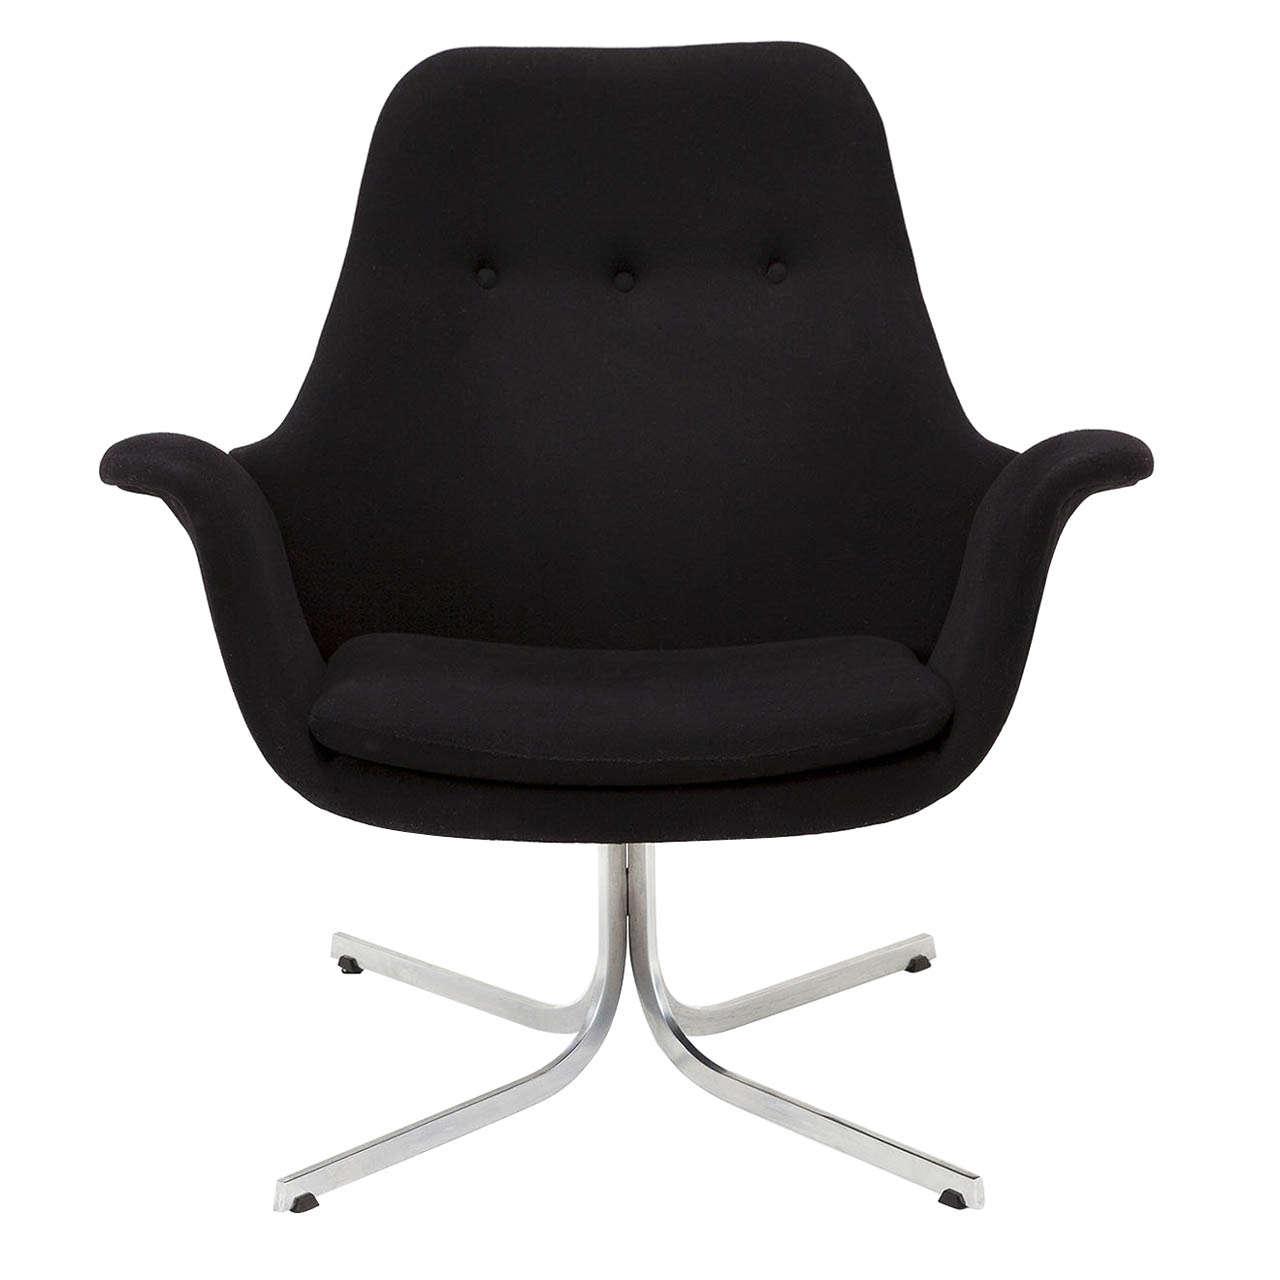 Pierre Paulin Lounge Chair, Artifort